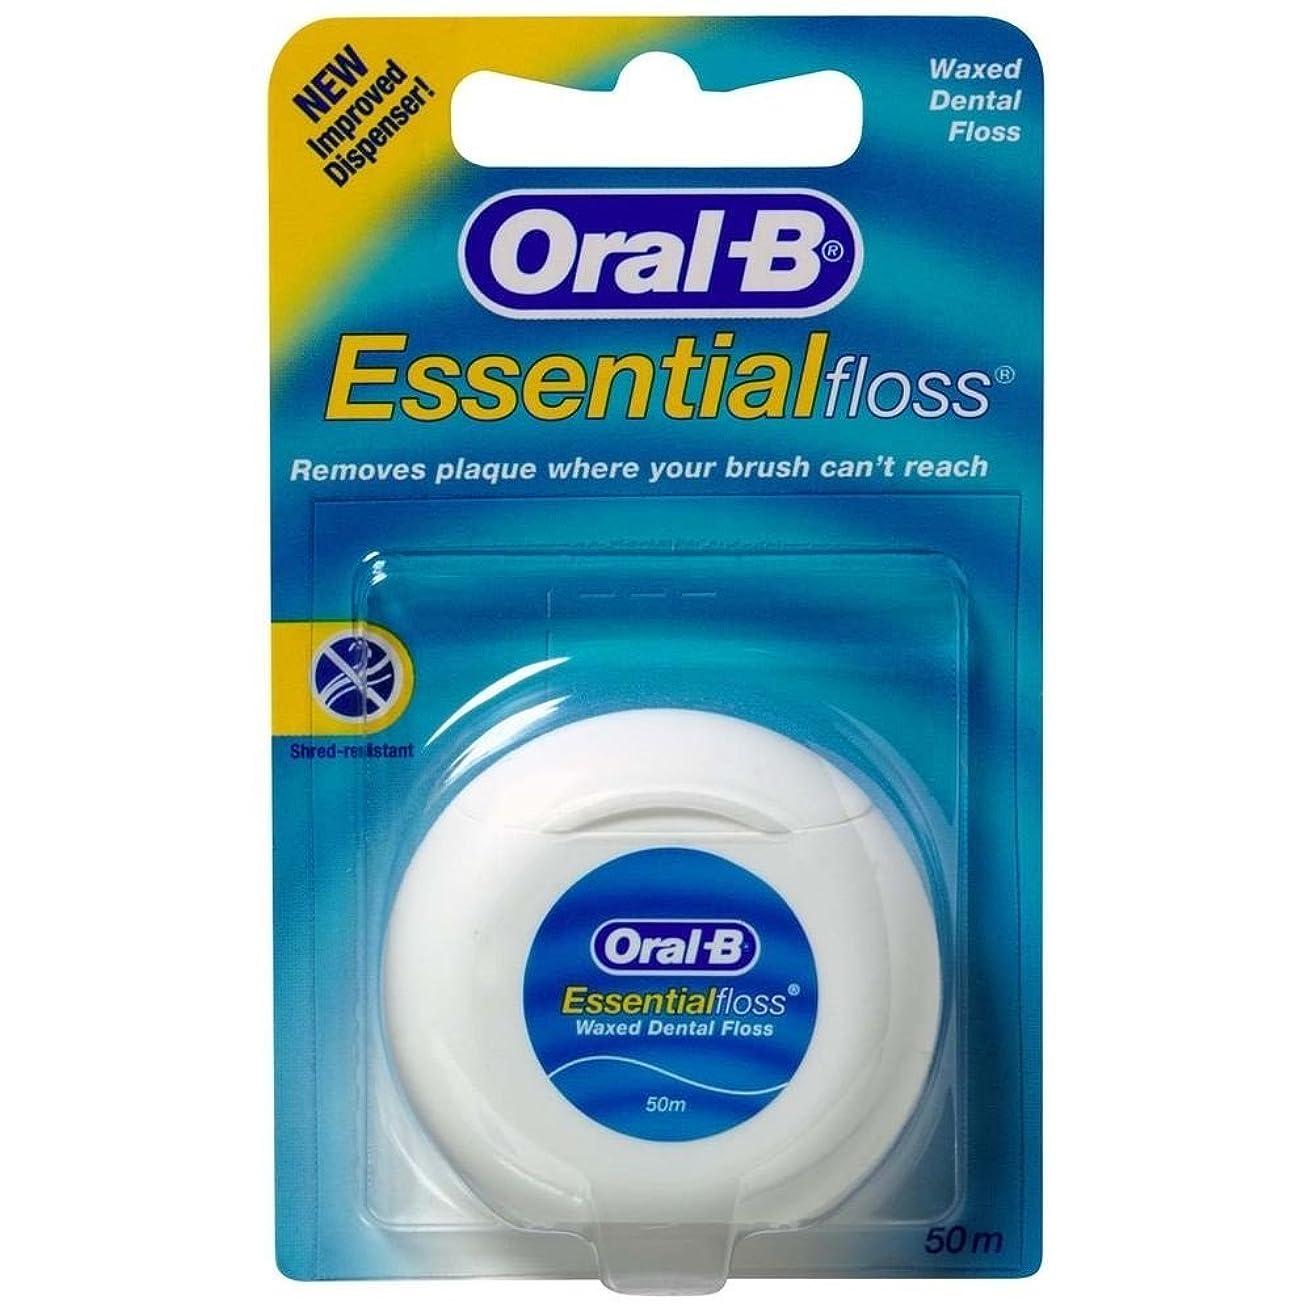 始めるシェーバーステープルOral-B Essential Waxed Dental Floss by Oral-B